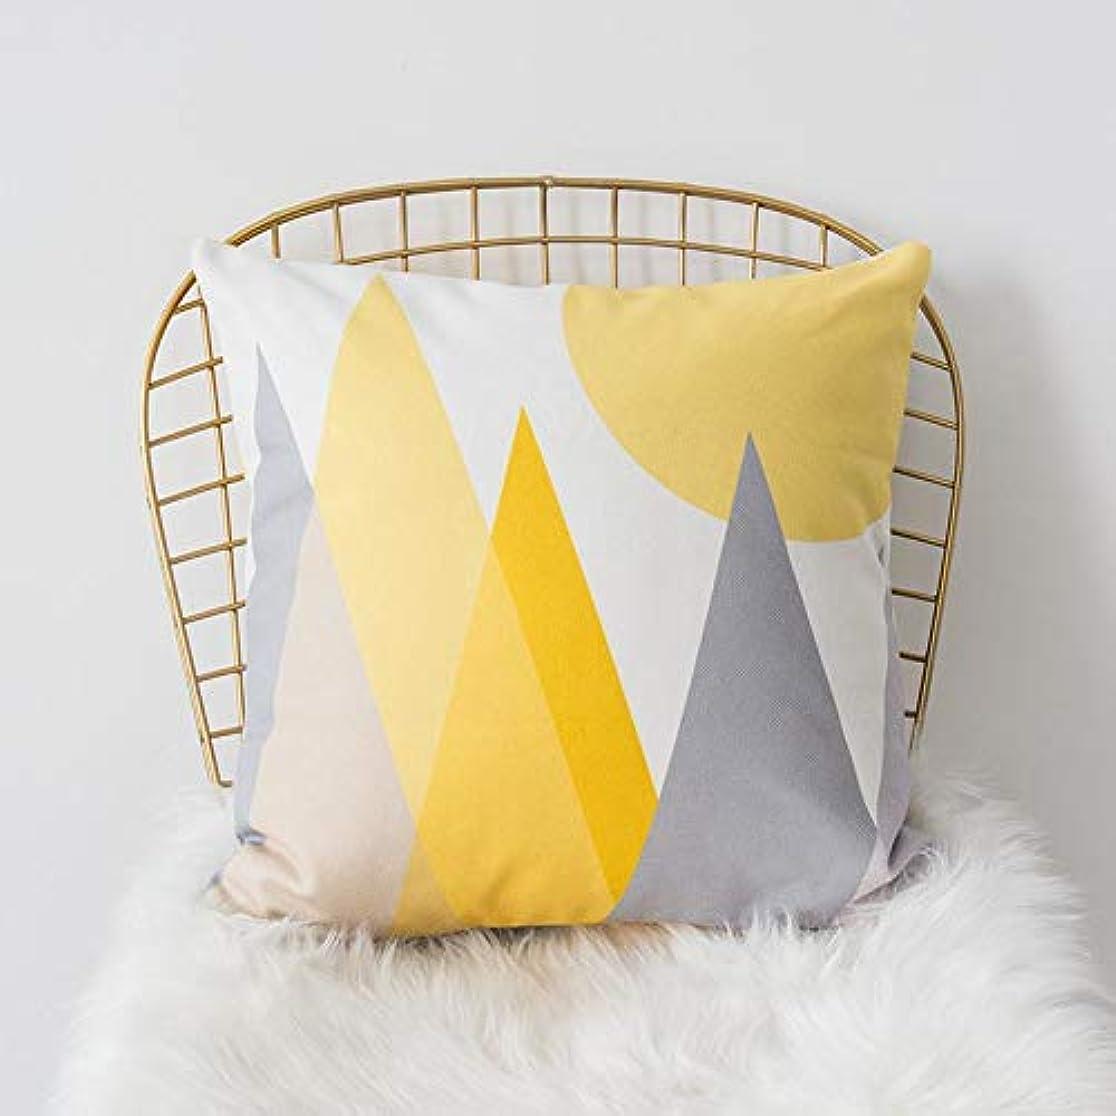 タック任命類似性LIFE 黄色グレー枕北欧スタイル黄色ヘラジカ幾何枕リビングルームのインテリアソファクッション Cojines 装飾良質 クッション 椅子